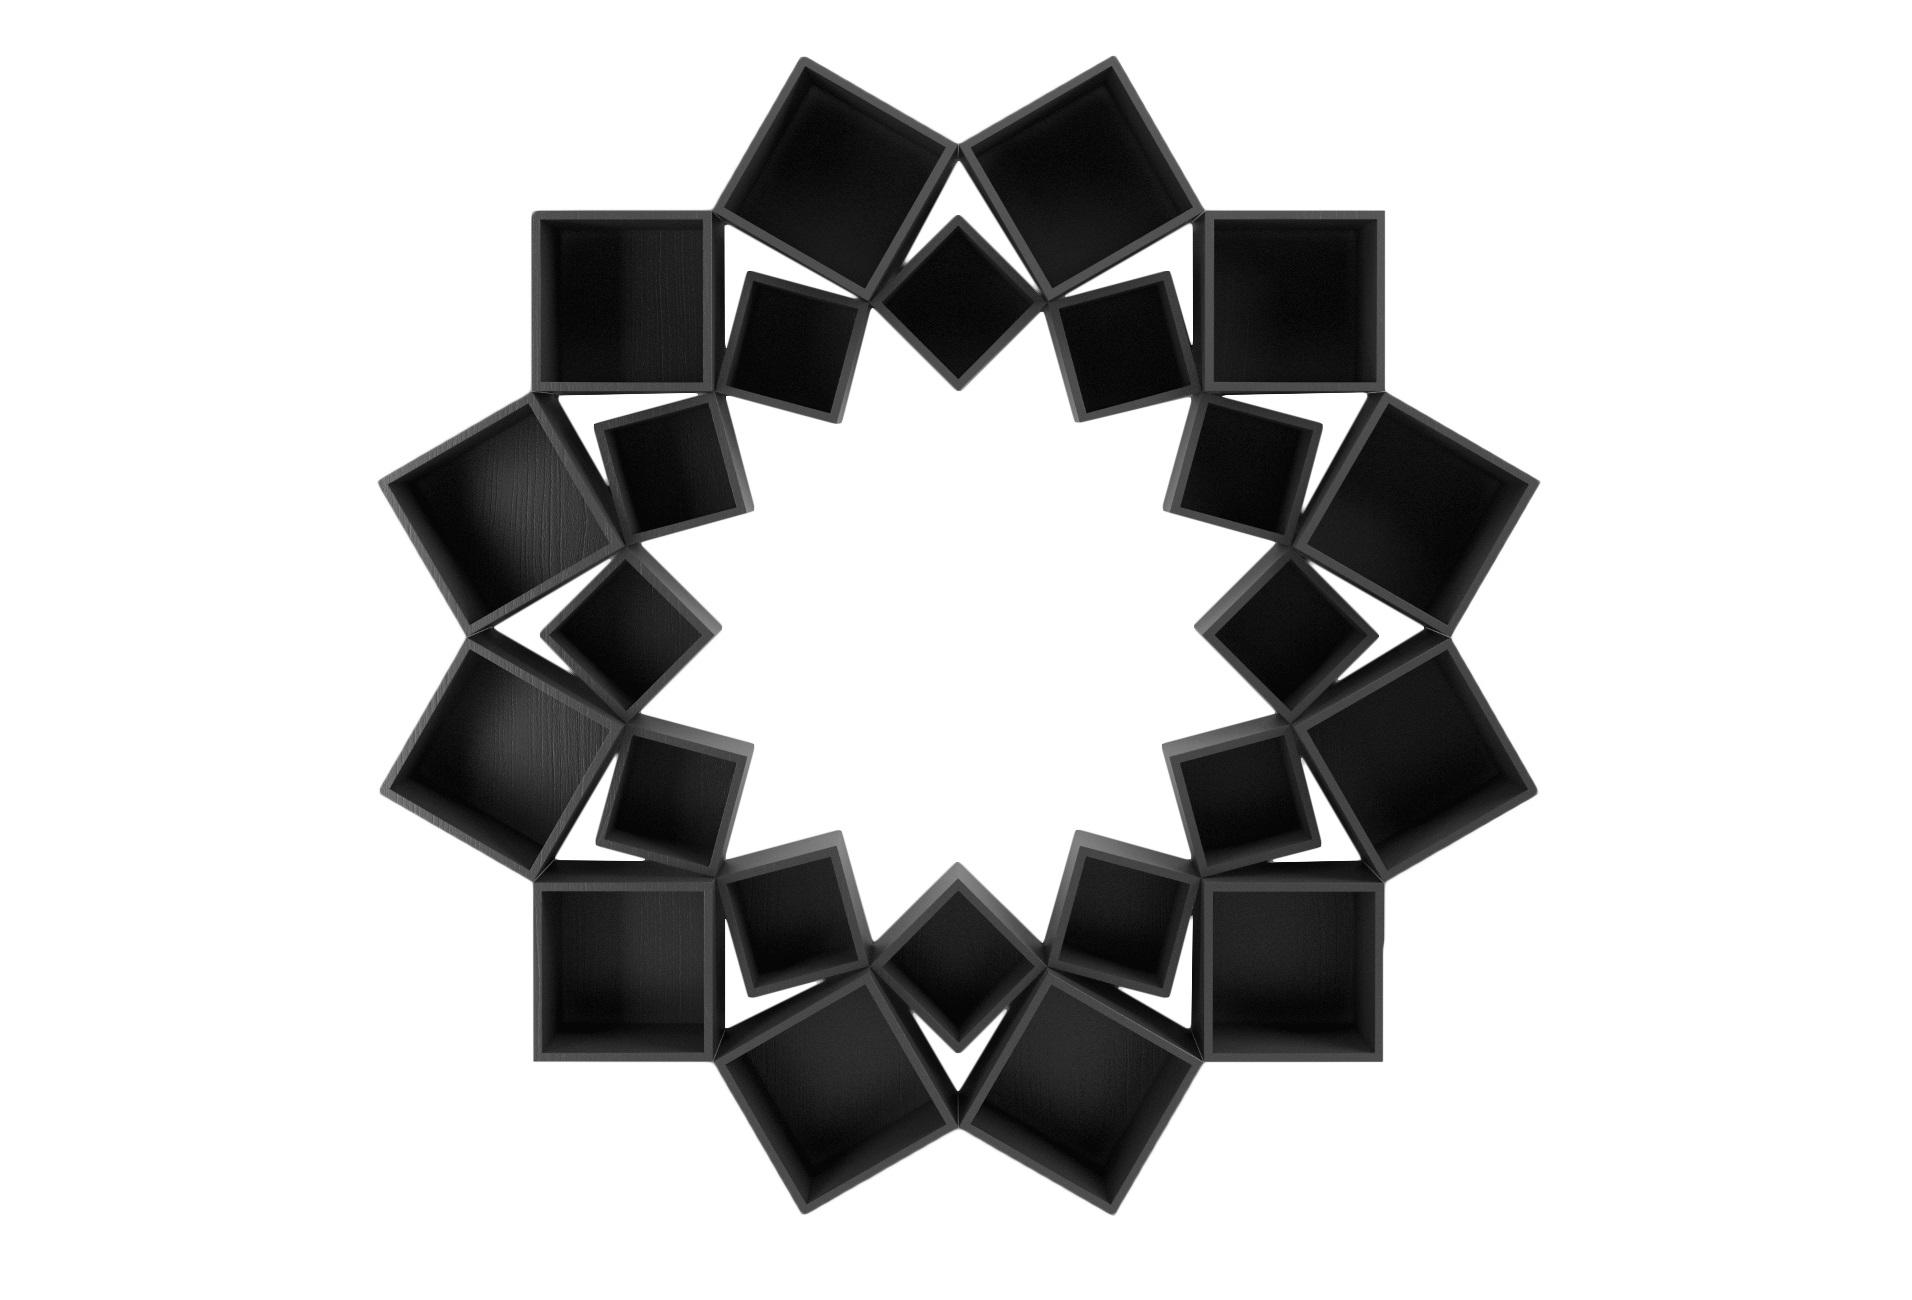 Стеллаж Лотос 2 кругаСтеллажи и этажерки<br>&amp;lt;div&amp;gt;Потрясающий стеллаж из трех кругов квадратов!&amp;amp;nbsp;&amp;lt;/div&amp;gt;&amp;lt;div&amp;gt;&amp;lt;br&amp;gt;&amp;lt;/div&amp;gt;&amp;lt;div&amp;gt;Материал: МДФ, шпон&amp;amp;nbsp;&amp;lt;/div&amp;gt;<br><br>Material: МДФ<br>Depth см: 30<br>Height см: 210<br>Diameter см: 210